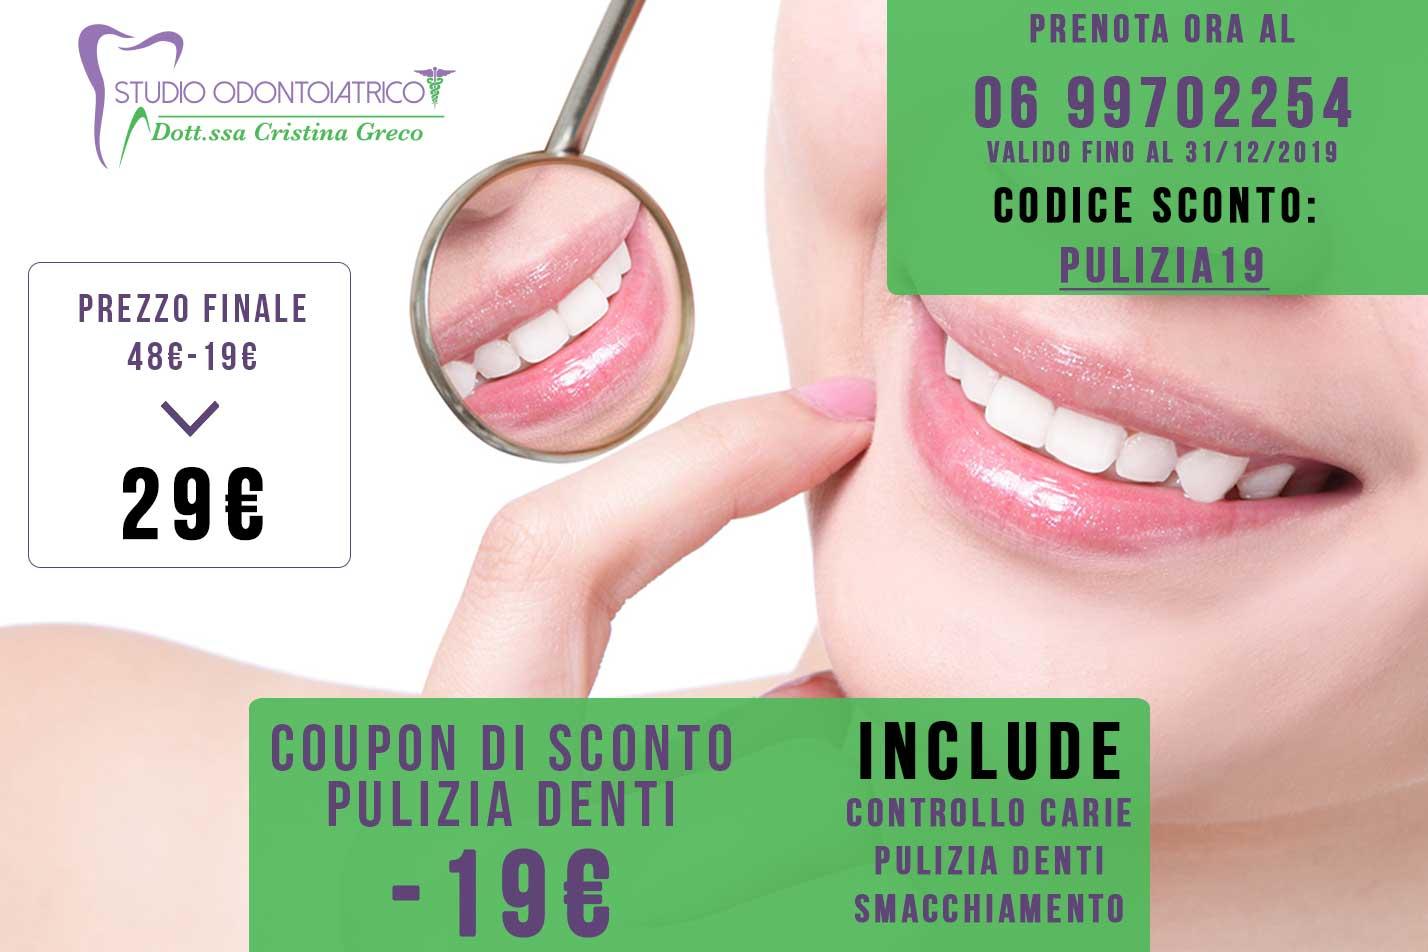 coupon sconto pulizia denti 19€ roma 19 euro